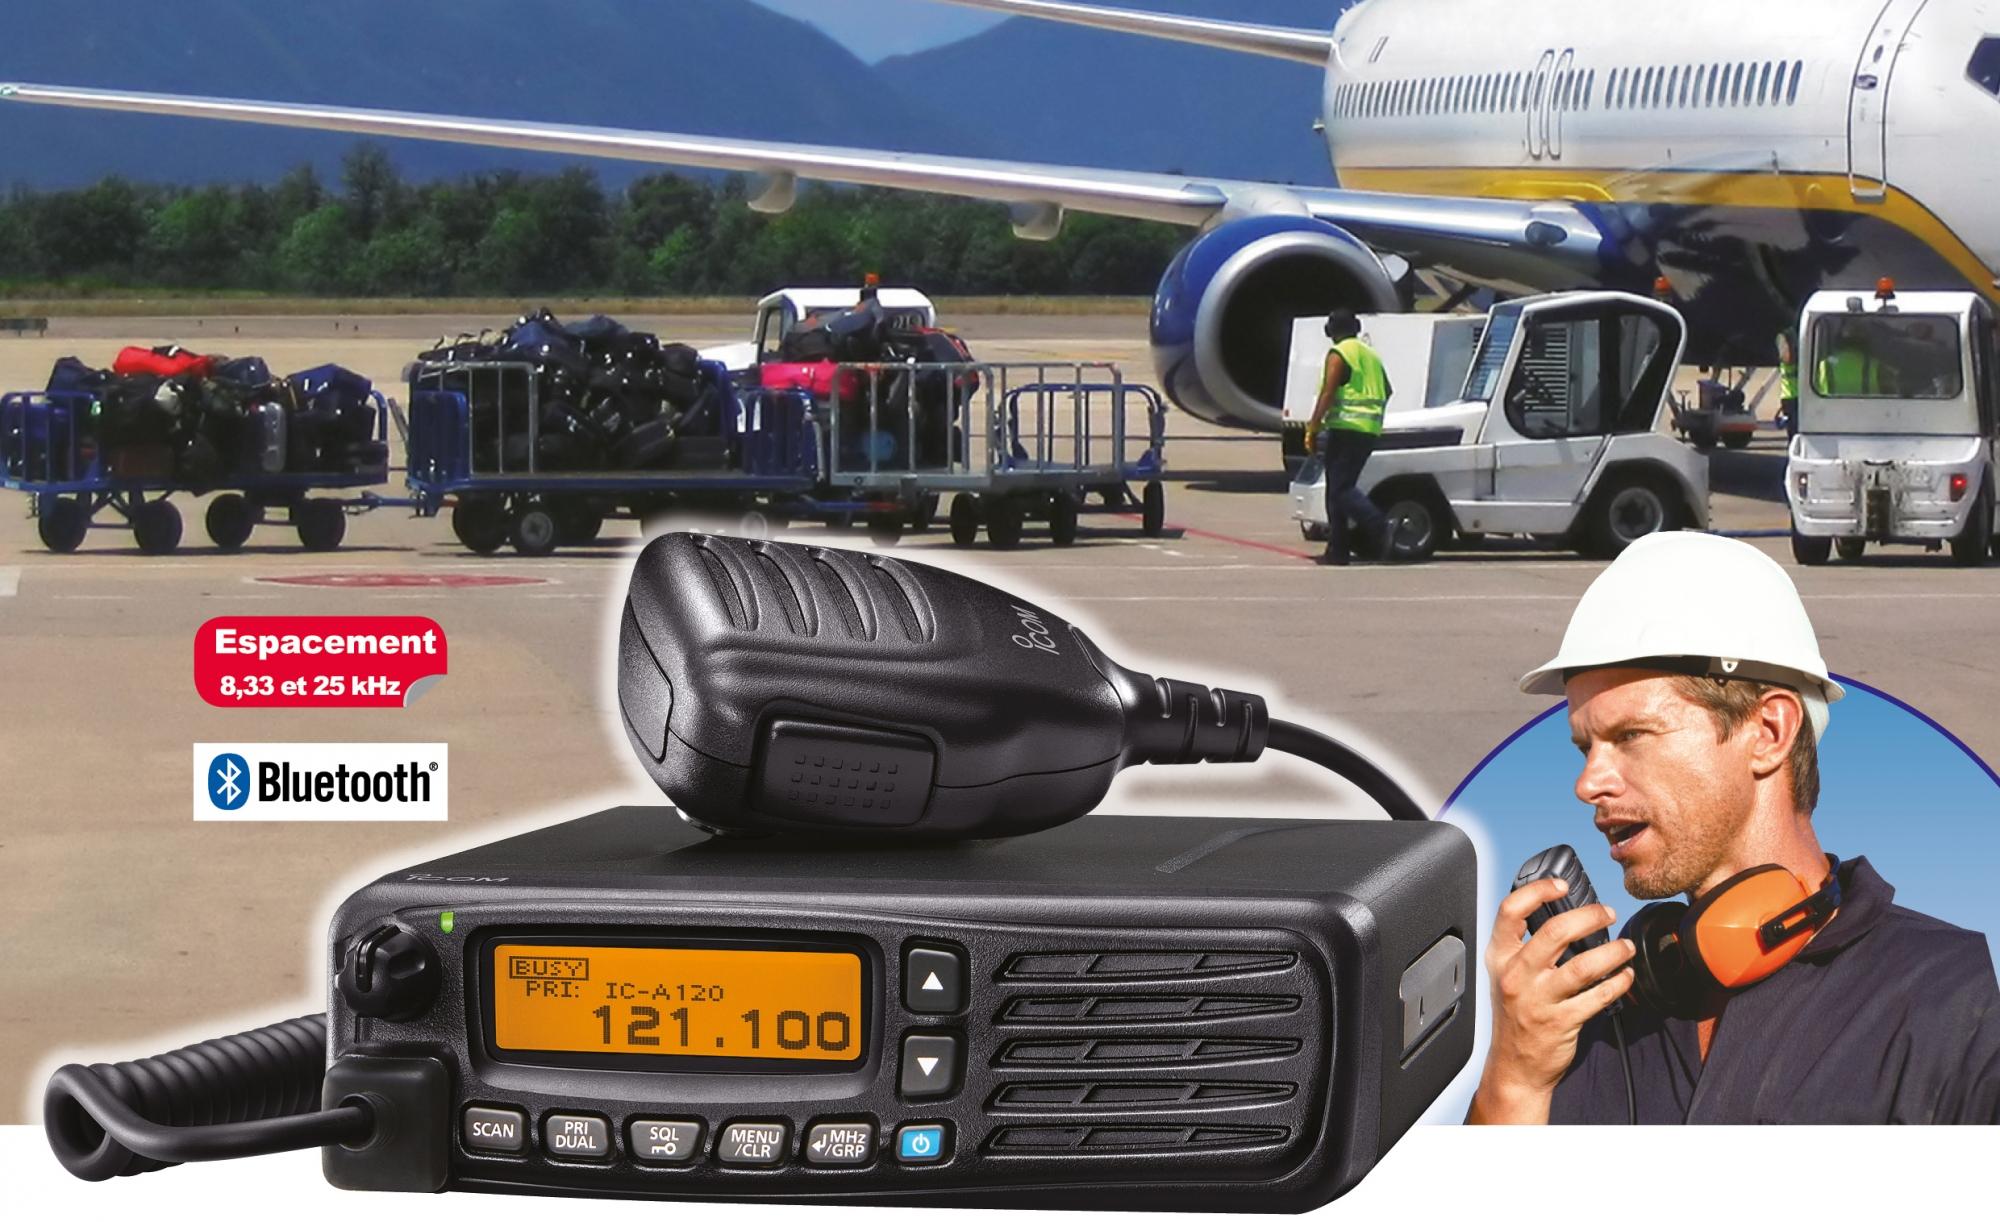 vhf aviation fixe icom usage sol Focus IC-A120E ICOM